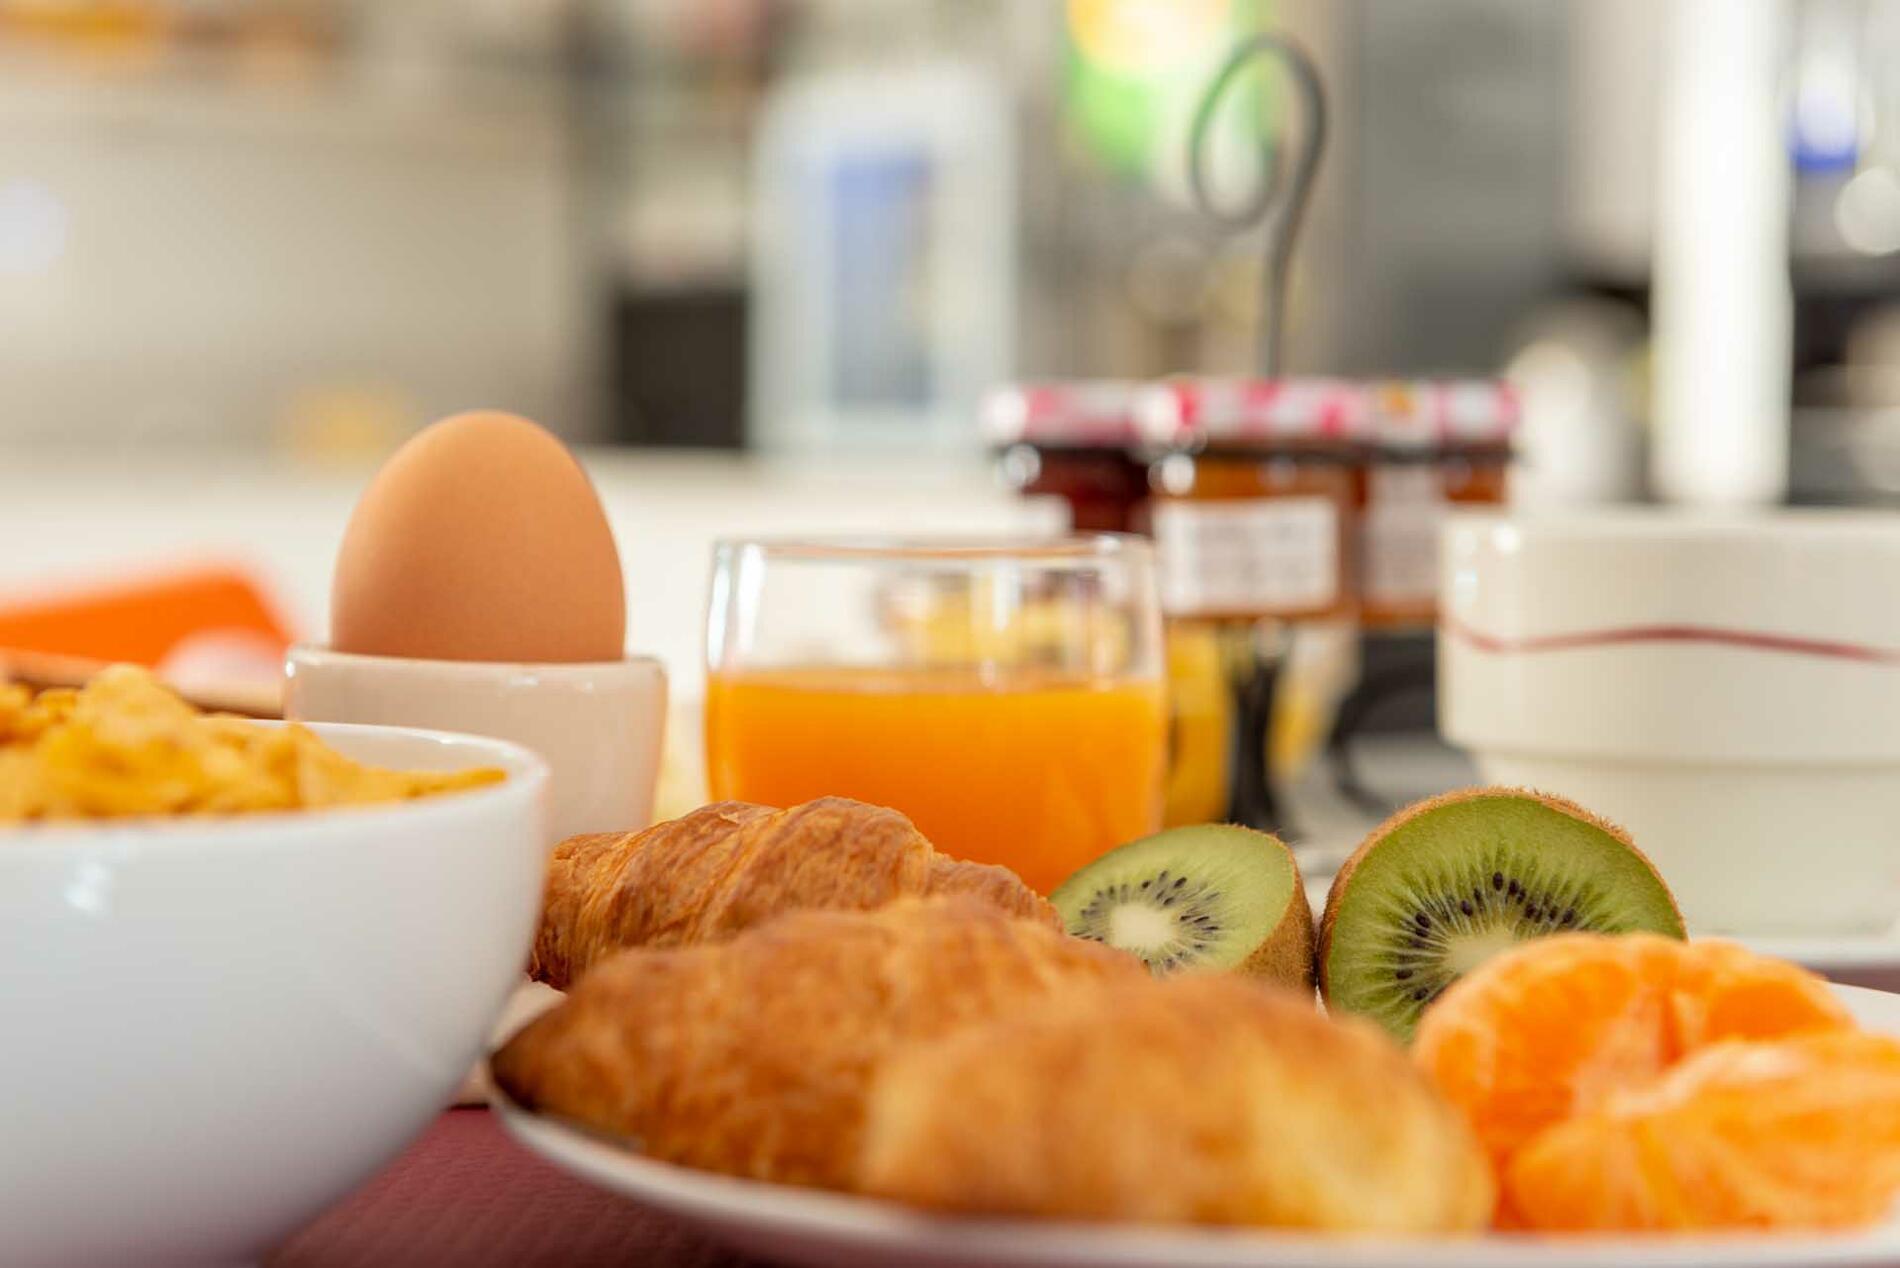 Breakfast at Acropole Hôtel